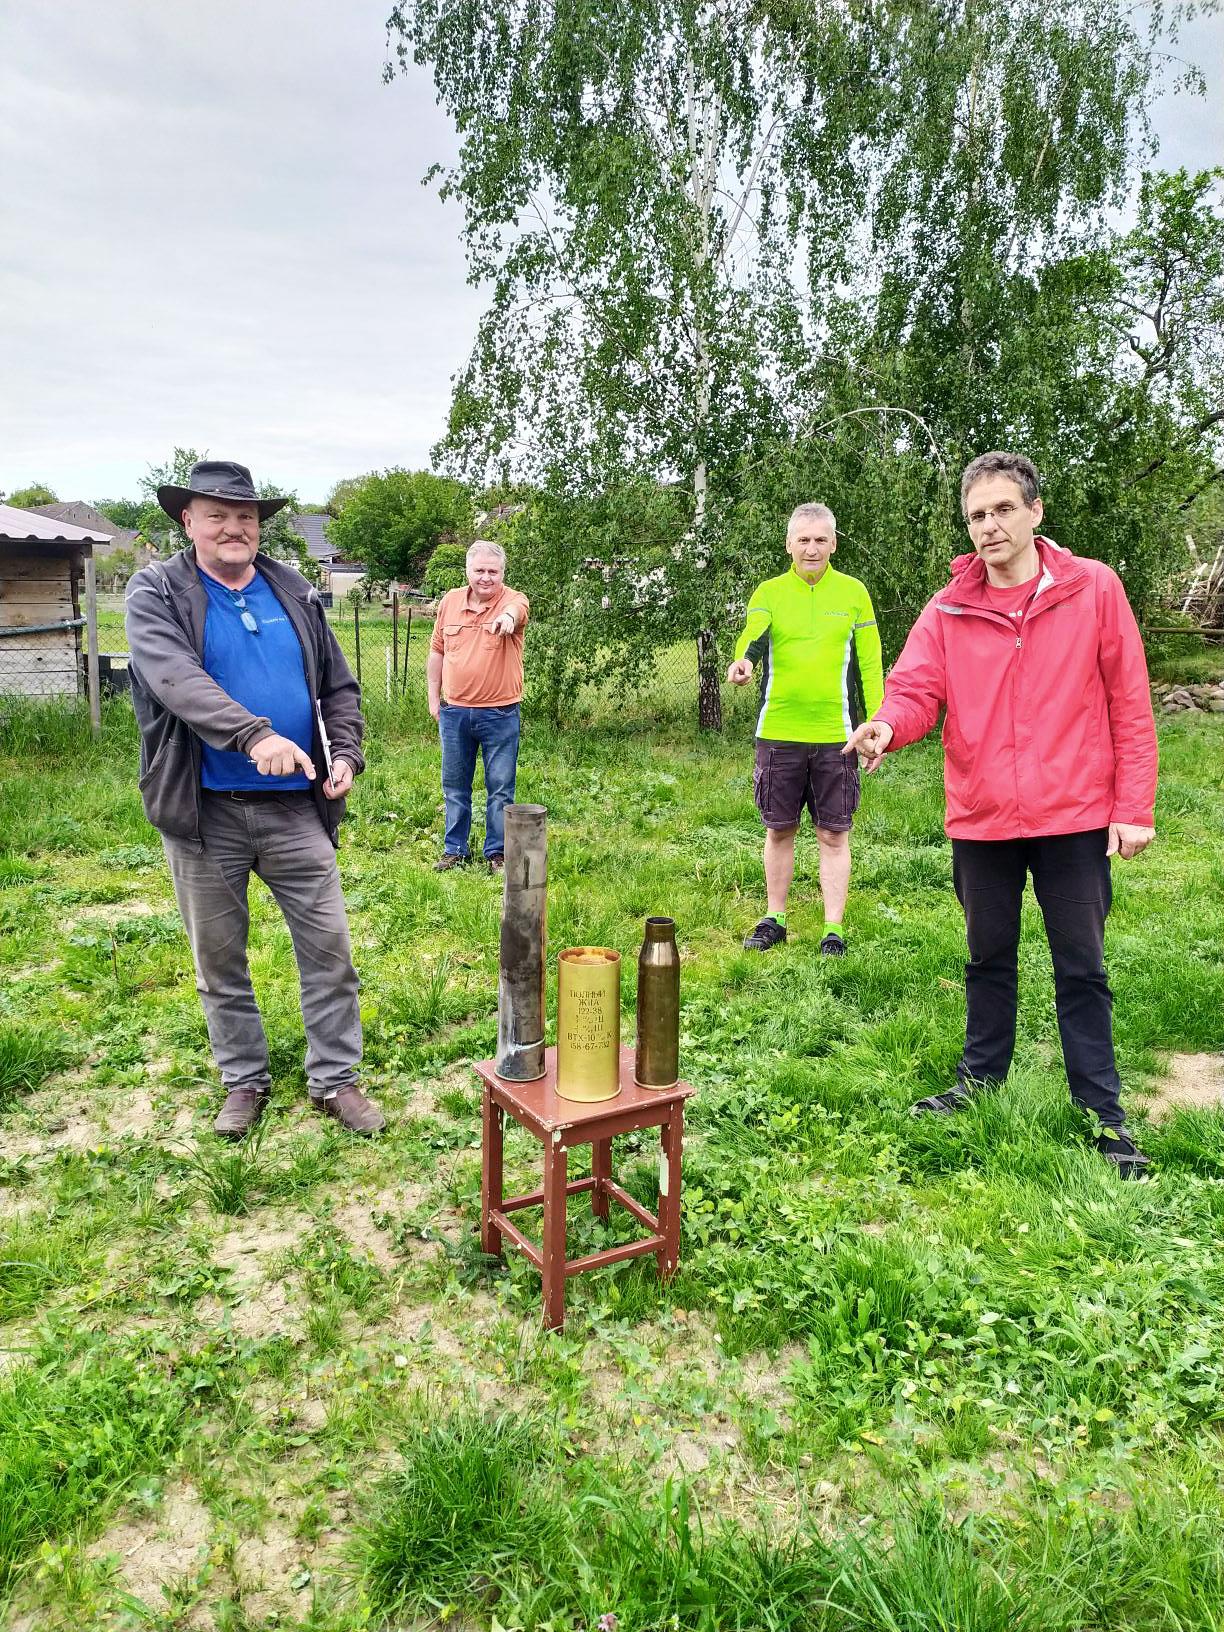 Backschweintenne in Gömnigk – Glockenguss für den Frieden